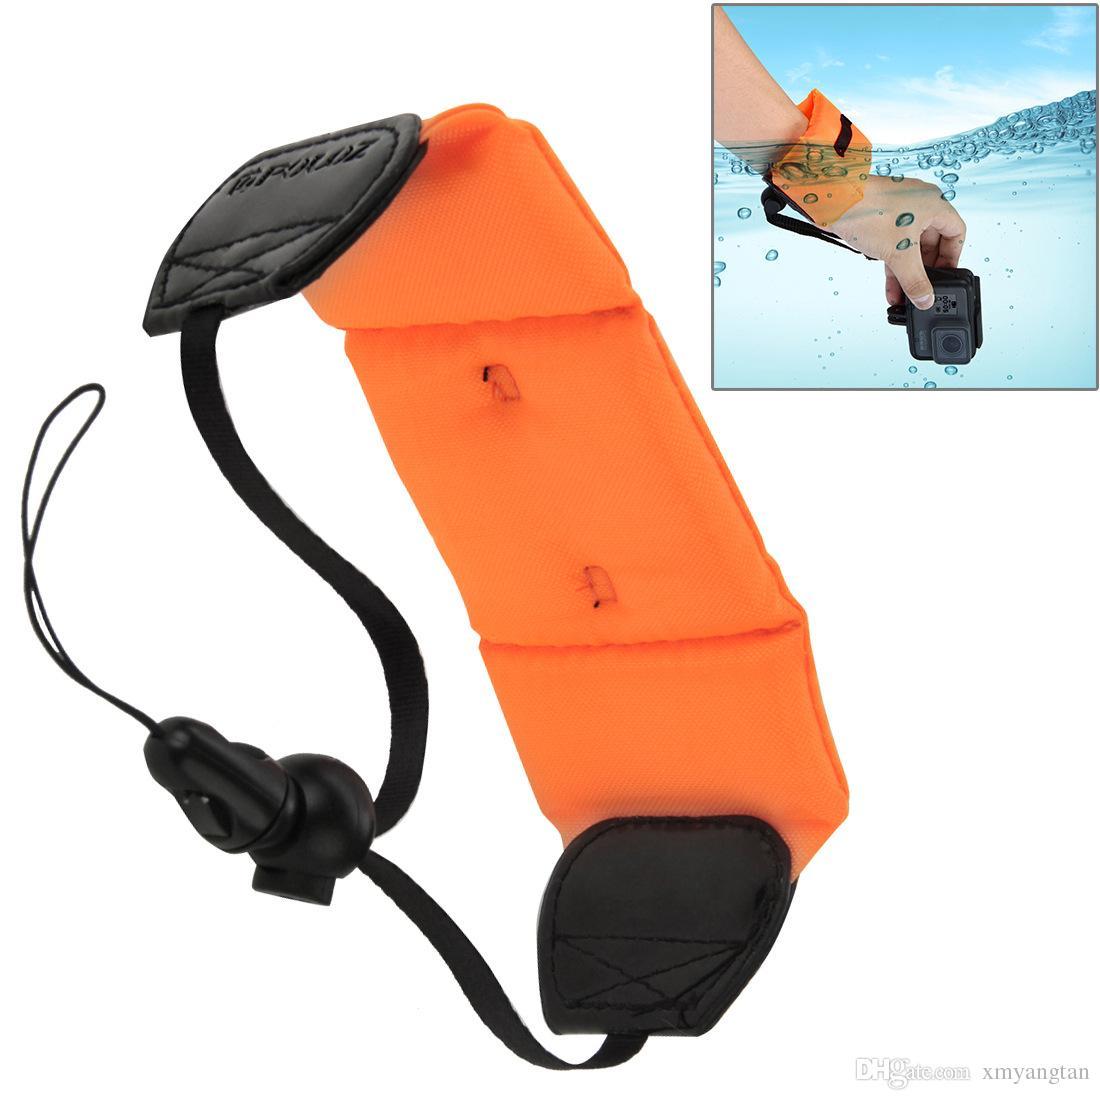 Водонепроницаемый дайвинг плавающей пены руки запястье ремень плавучий поплавок ручной ремень для go pro Hero 3 4 Xiao mi Yi SJCAM камеры